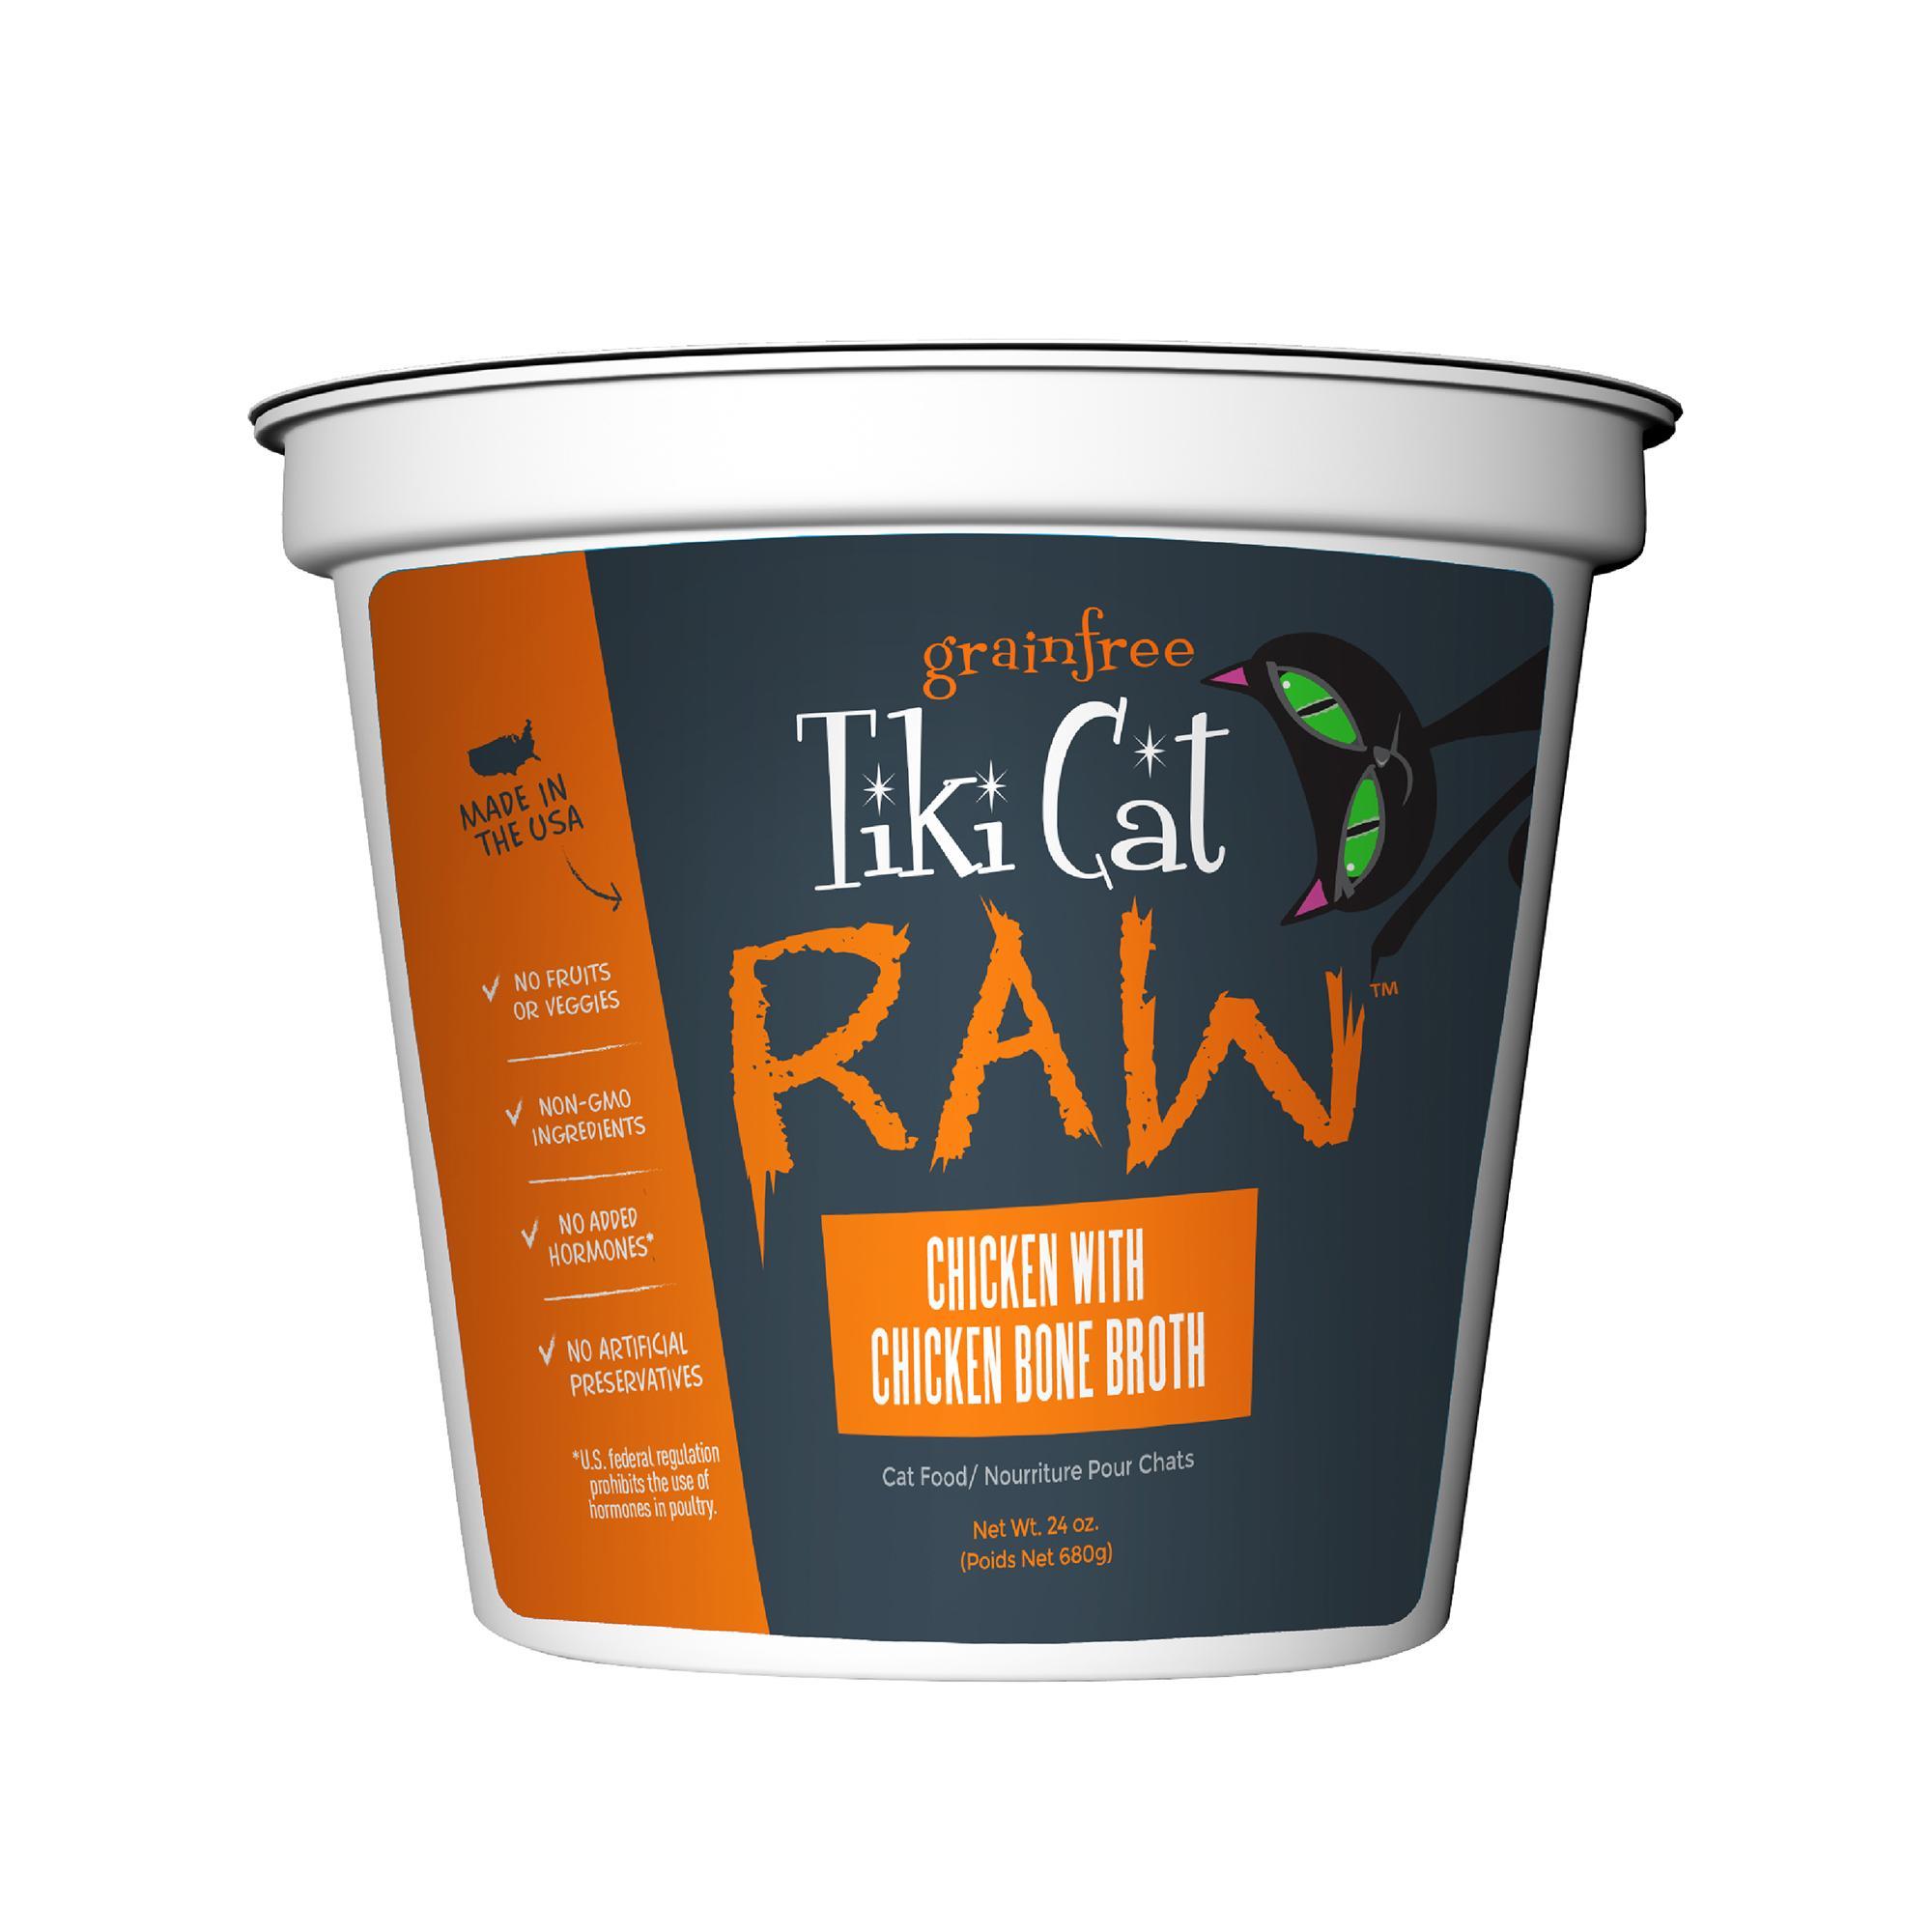 Tiki Cat Raw Chicken with Chicken Bone Broth Frozen Cat Food, 24-oz